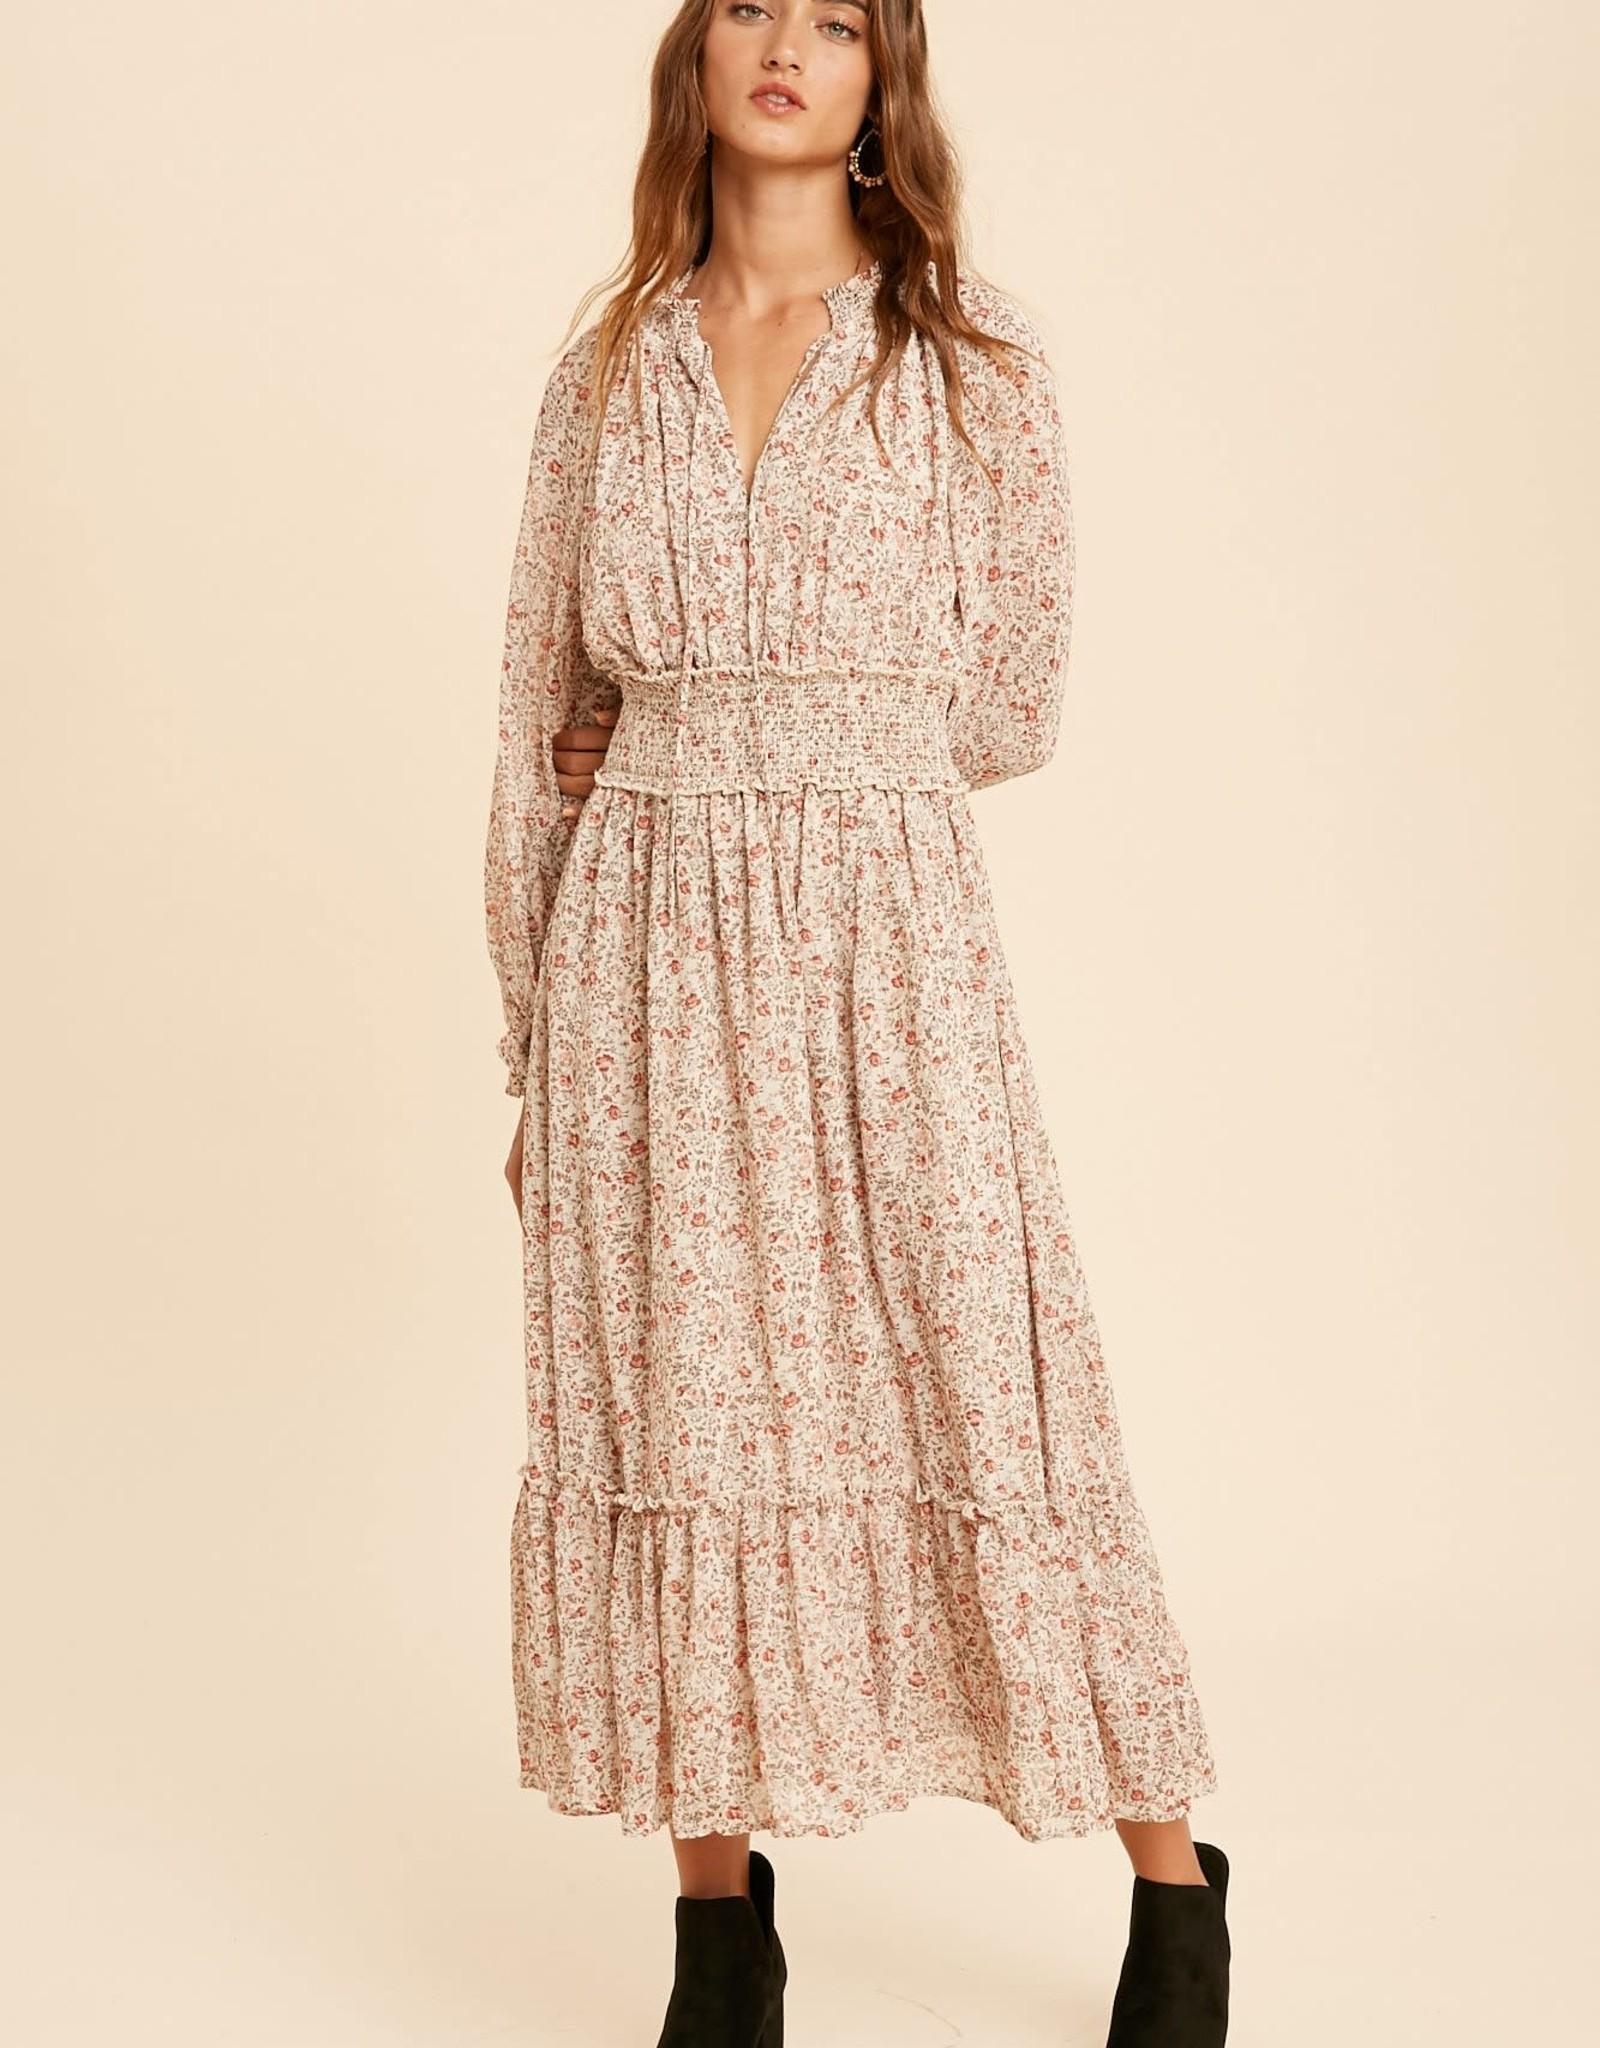 Miss Bliss LS Floral Smocked Midi Dress-